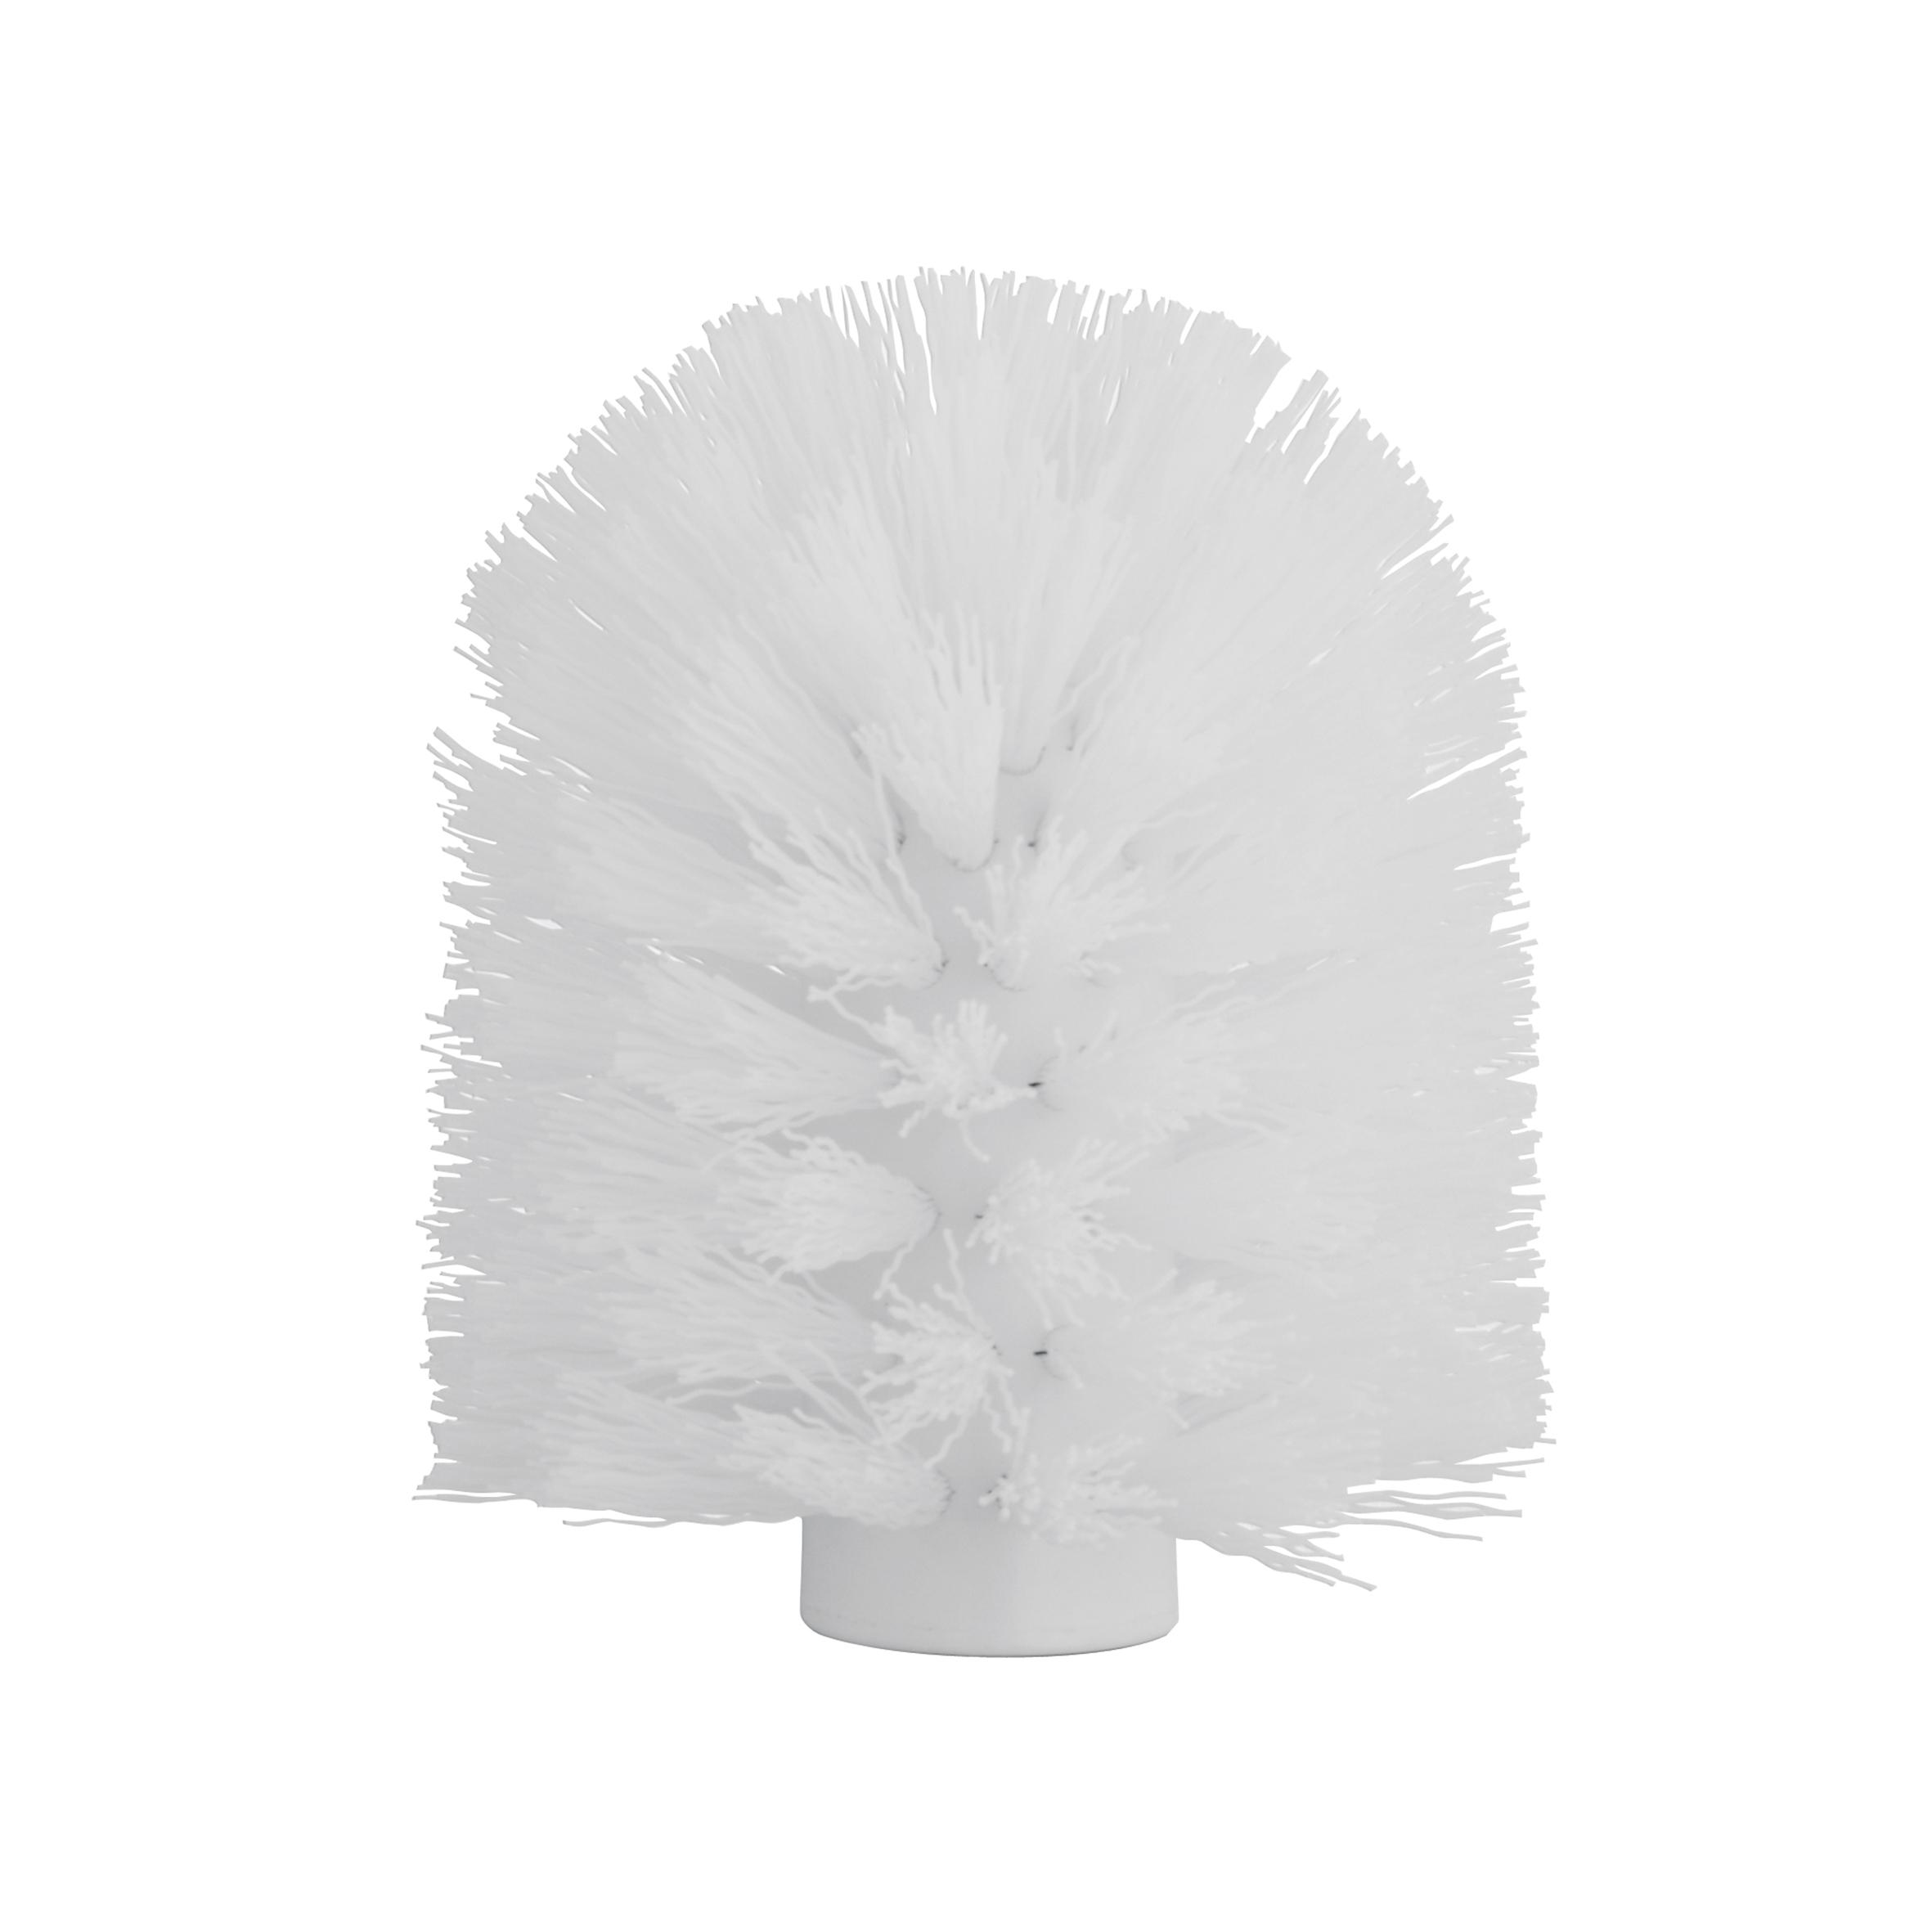 Щетка для ершика Axentia, сменная, цвет: белый, диаметр 8 см282292Щетка для ершика Axentia изготовлена из высококачественного пластика. Изделие является необходимой вещью, поскольку со временем ершик для унитаза теряет свои свойства, загрязняется и приходит в негодность. Резьба щетки подходит ко всем туалетным гарнитурам tm Axentia и tm TOP STAR, а так же к большинству других ершей, а классический диаметр 8 см является самым распространенным среди гарнитур. Внутренний диаметр резьбы: 1,2 см.